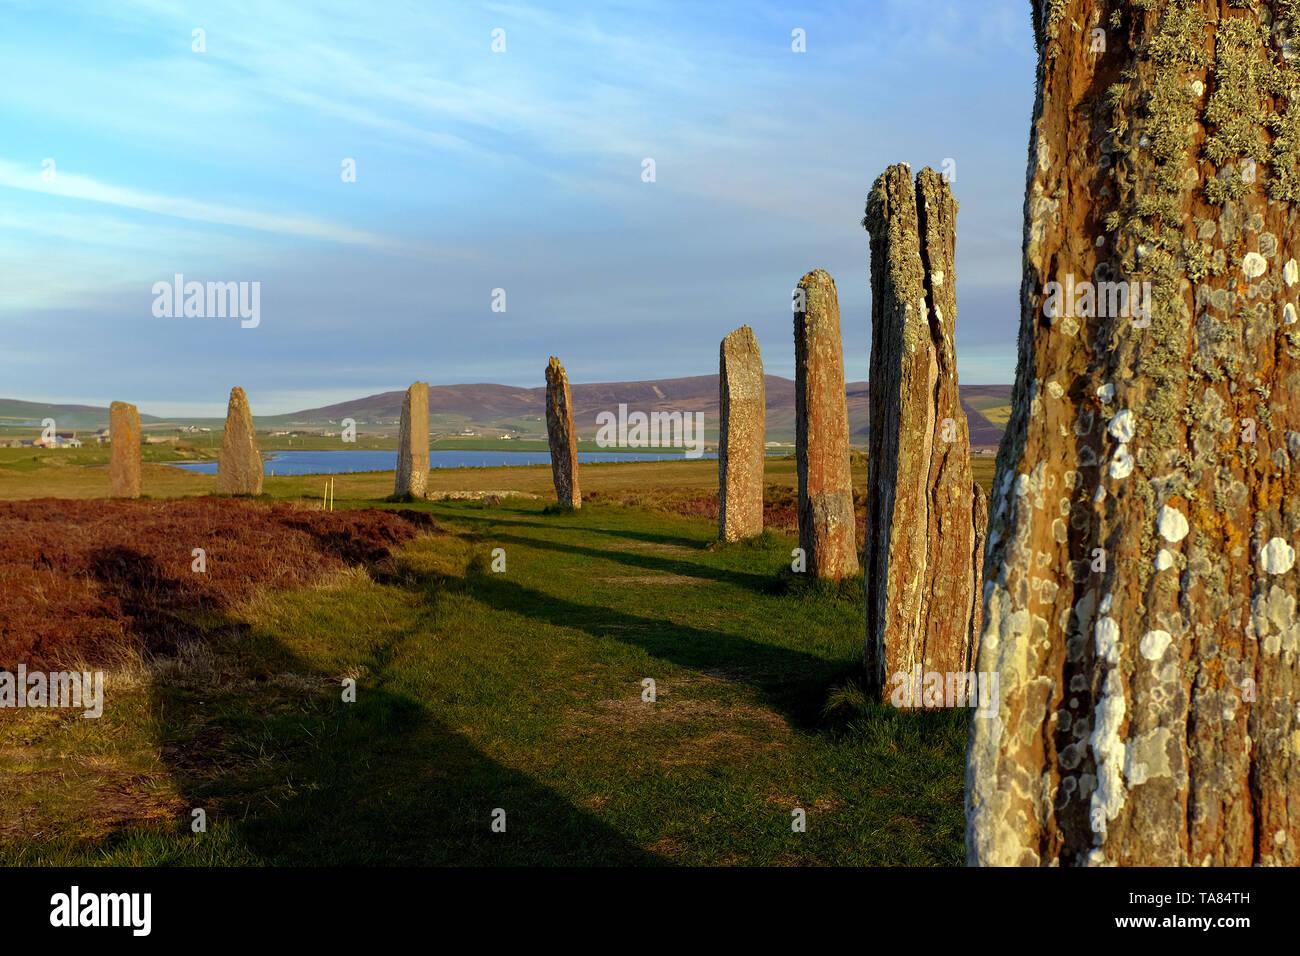 Isole Orcadi, Continentale, il Neolitico pietre permanente dell'anello di Brodgar al tramonto Scozia 8 Maggio - 19th. Viaggio attraverso la Scozia Foto Samantha Z Foto Stock